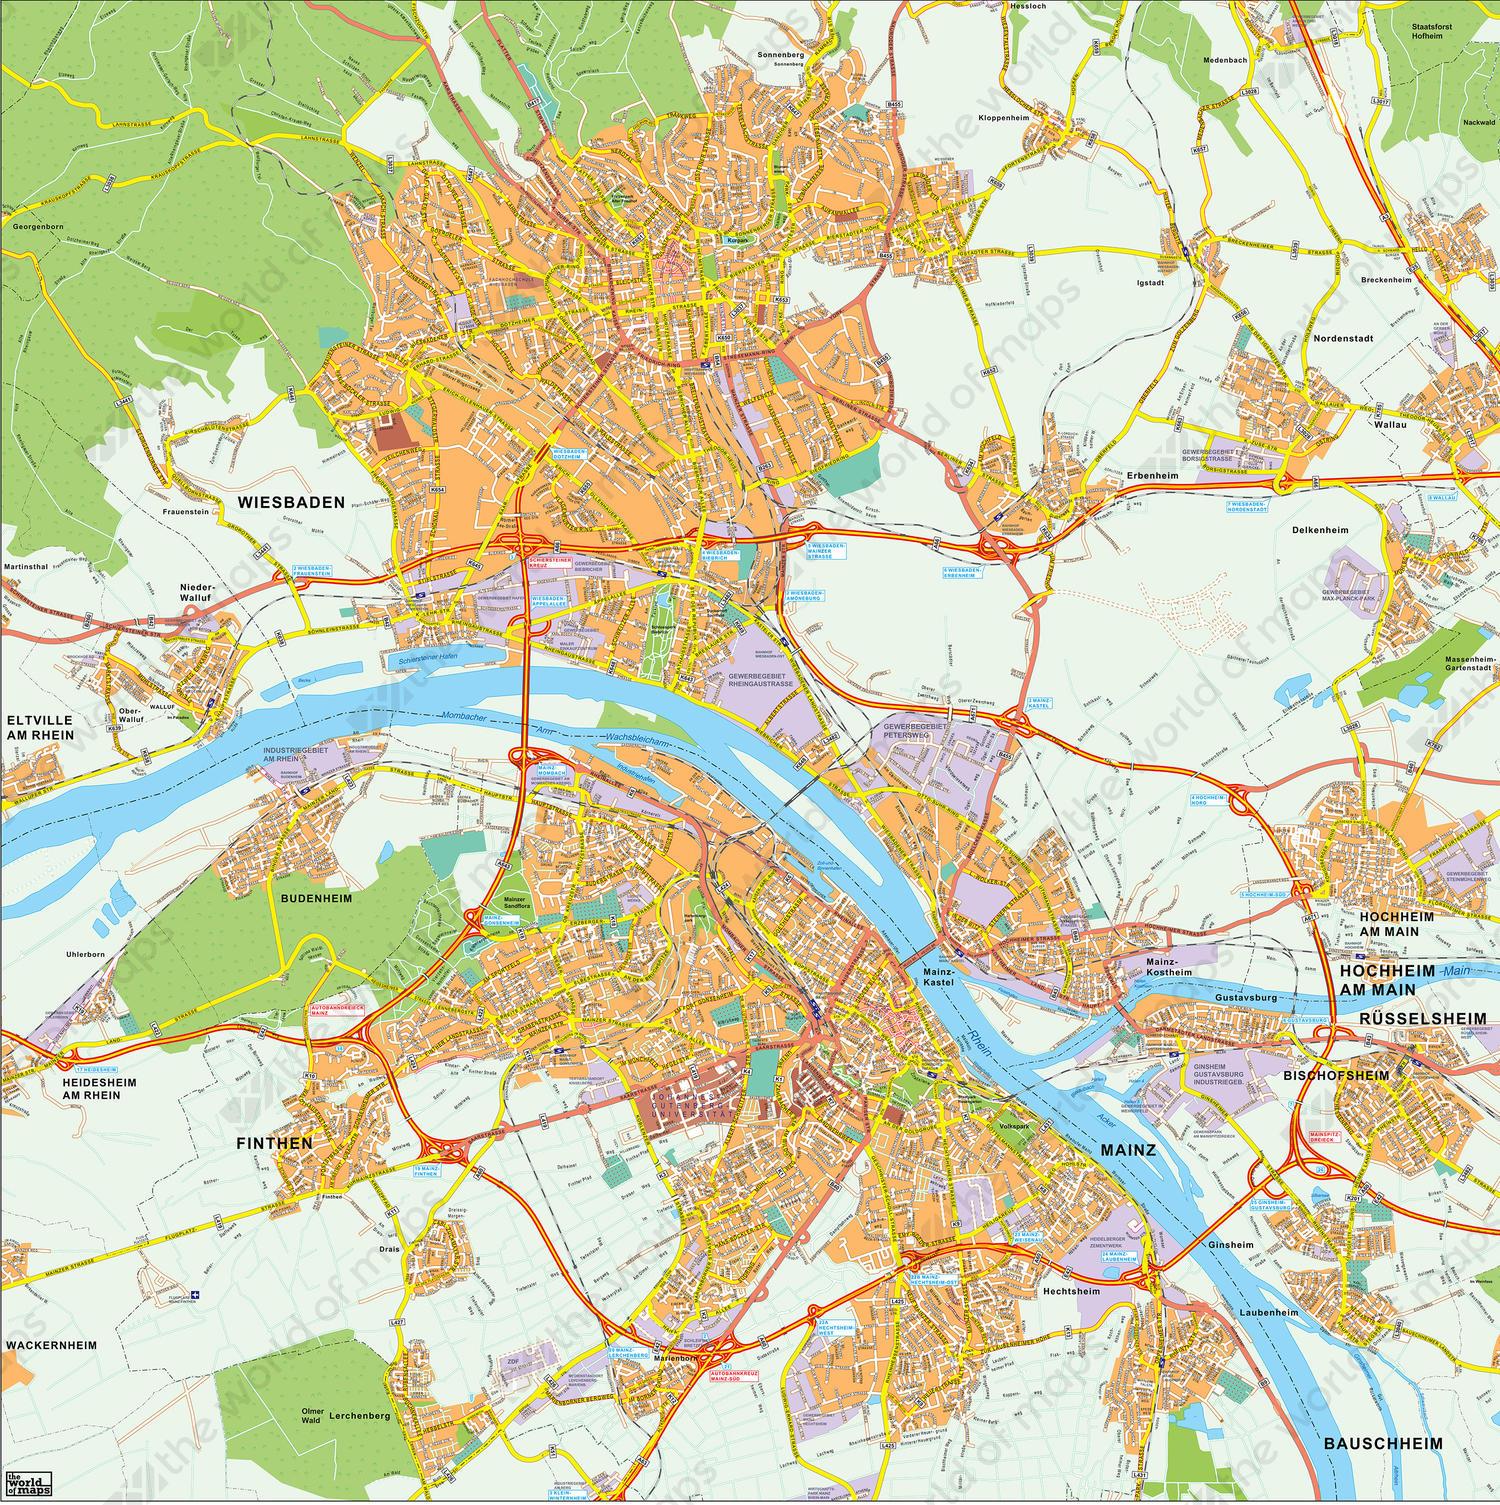 Wiesbaden Karte.Digital City Map Wiesbaden Mainz 177 The World Of Maps Com